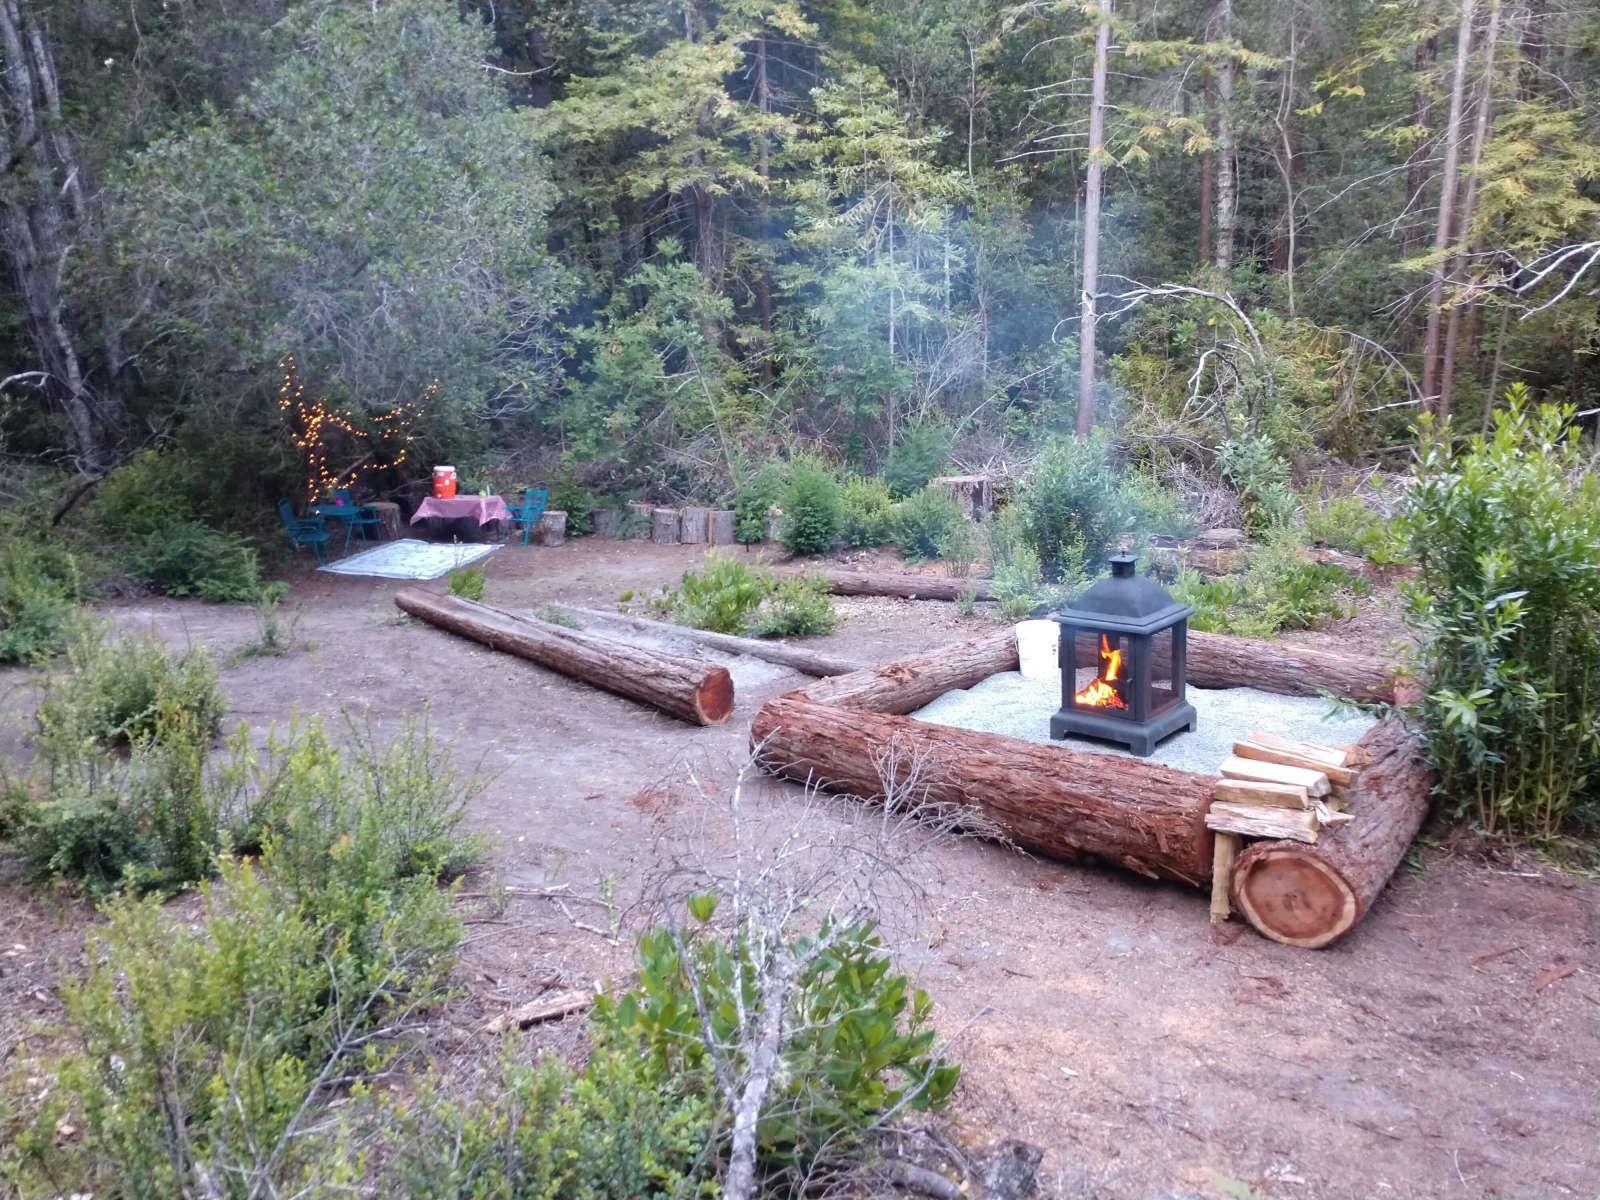 La Luna Magic Deluxe | Camping | La luna, Mendocino coast